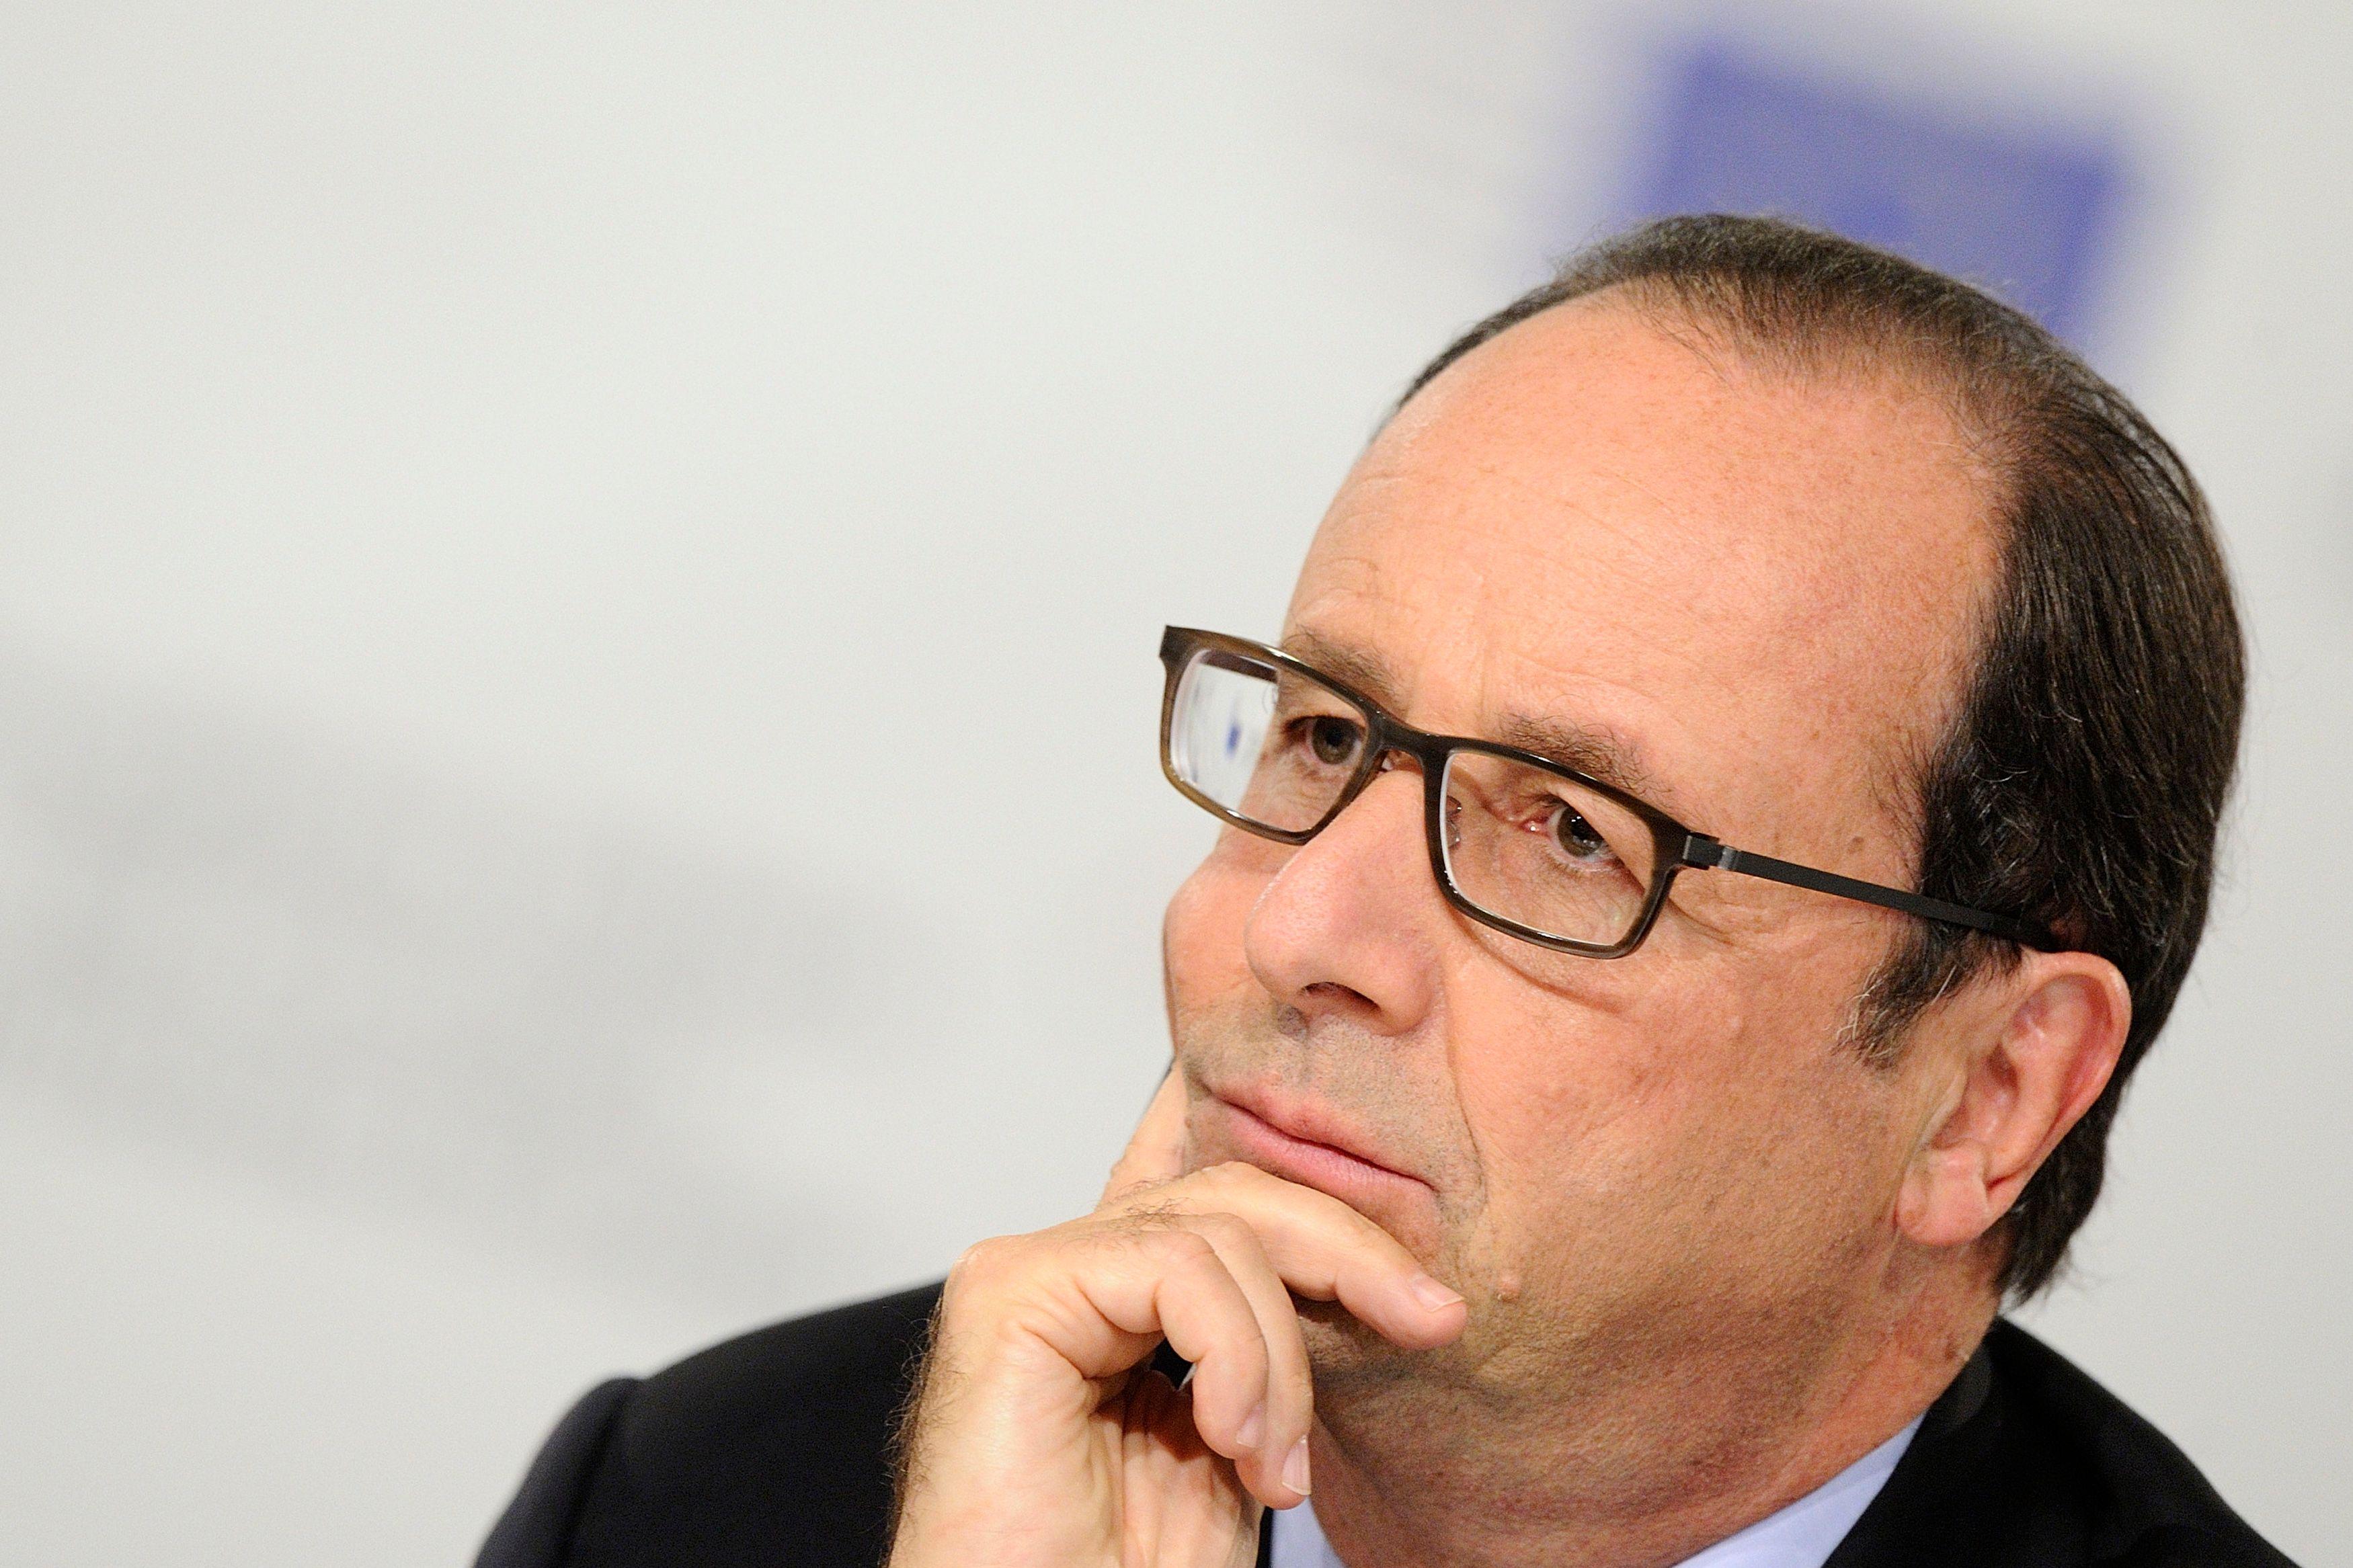 Timide remontée de la cote de confiance de François Hollande